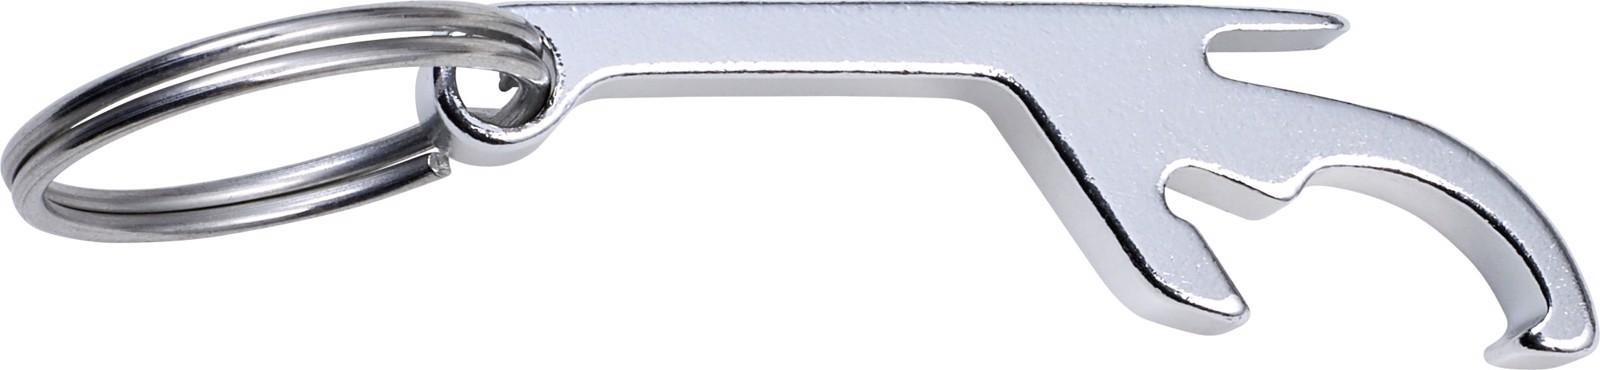 Aluminium 3-in-1 key holder - Silver